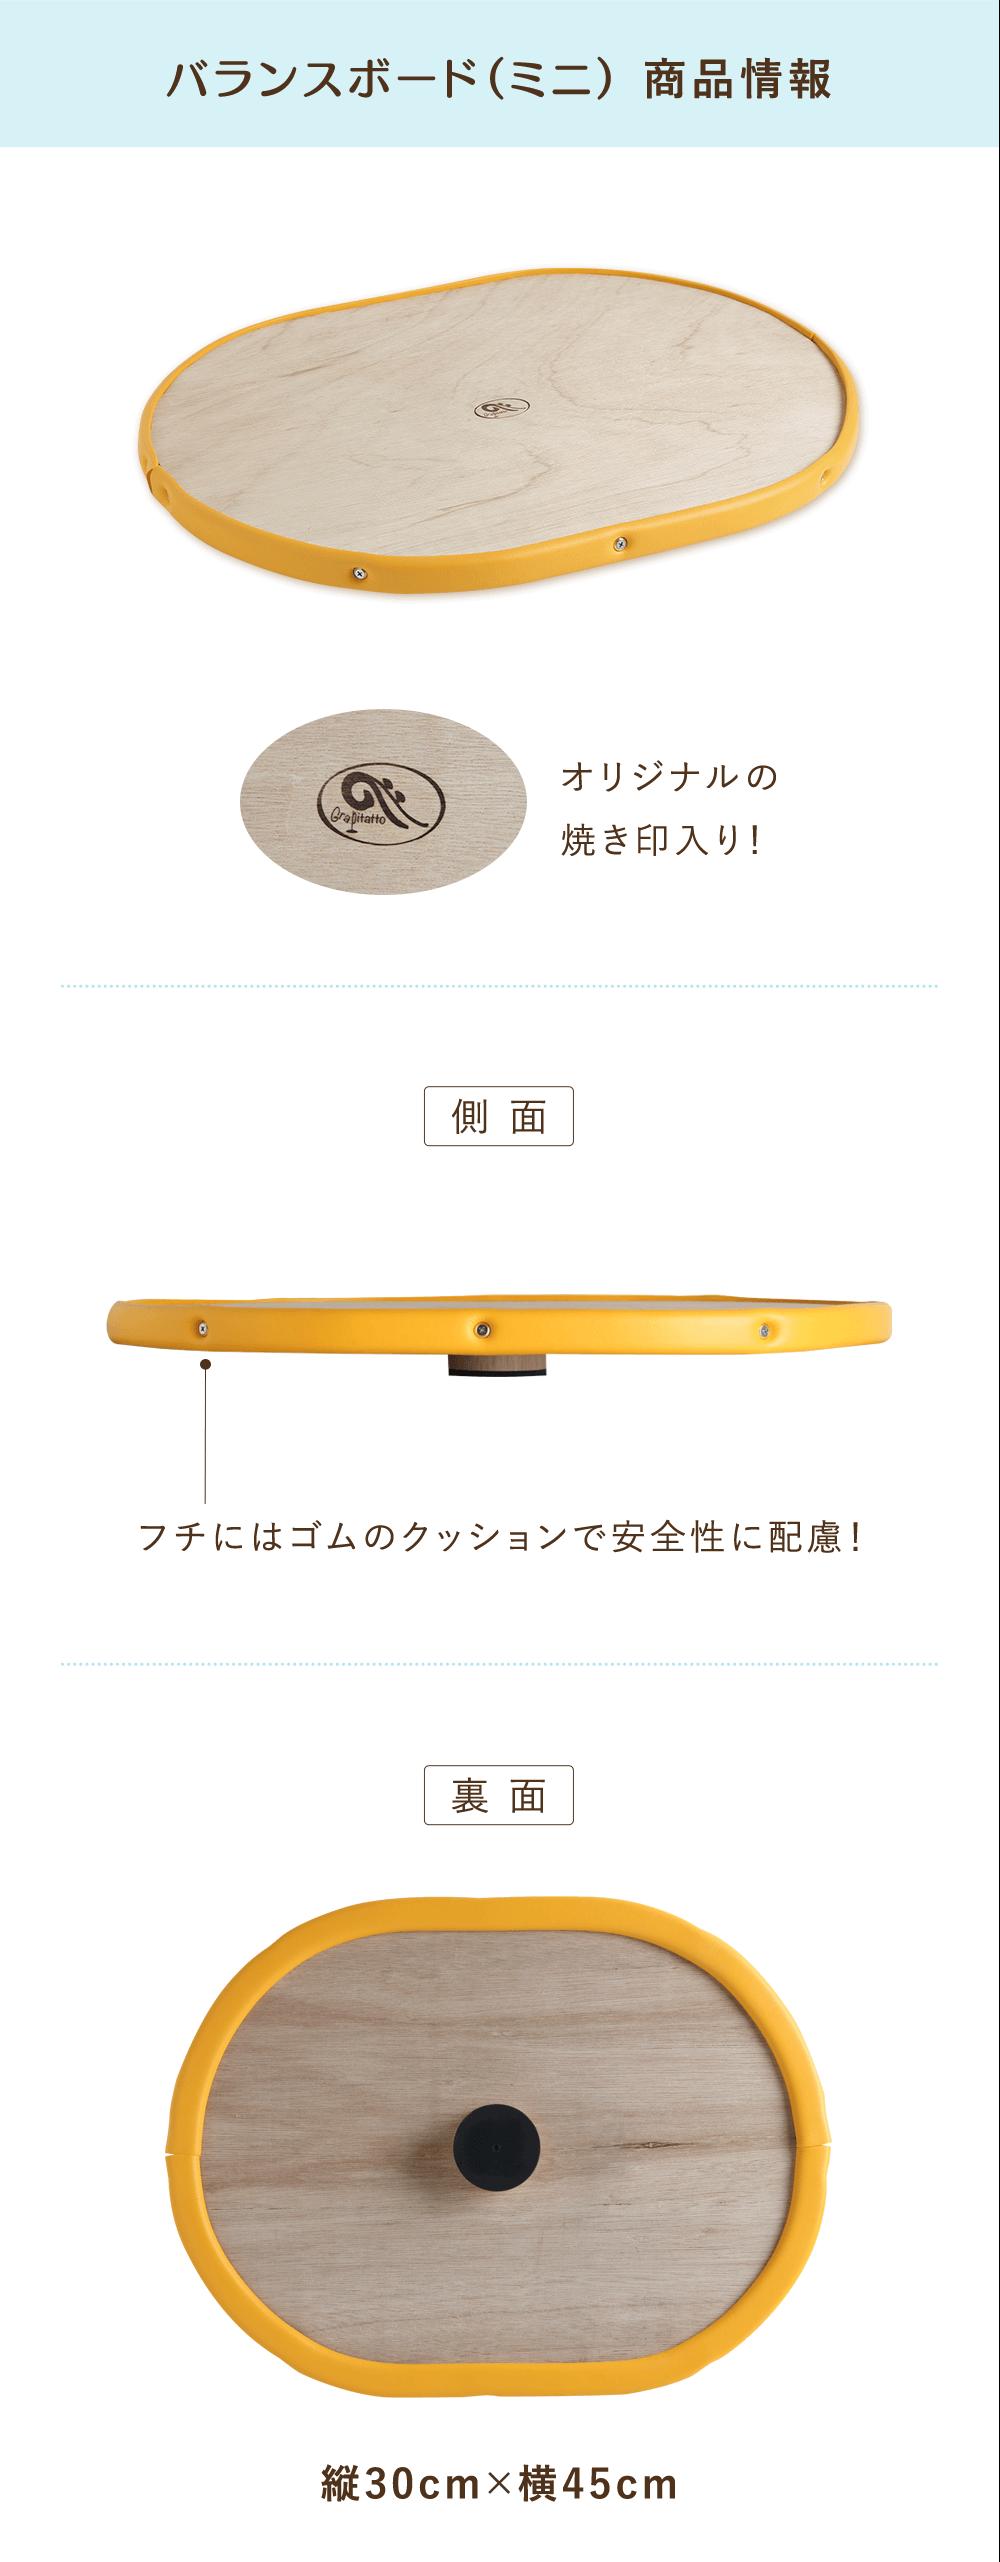 バランスクッションの商品情報